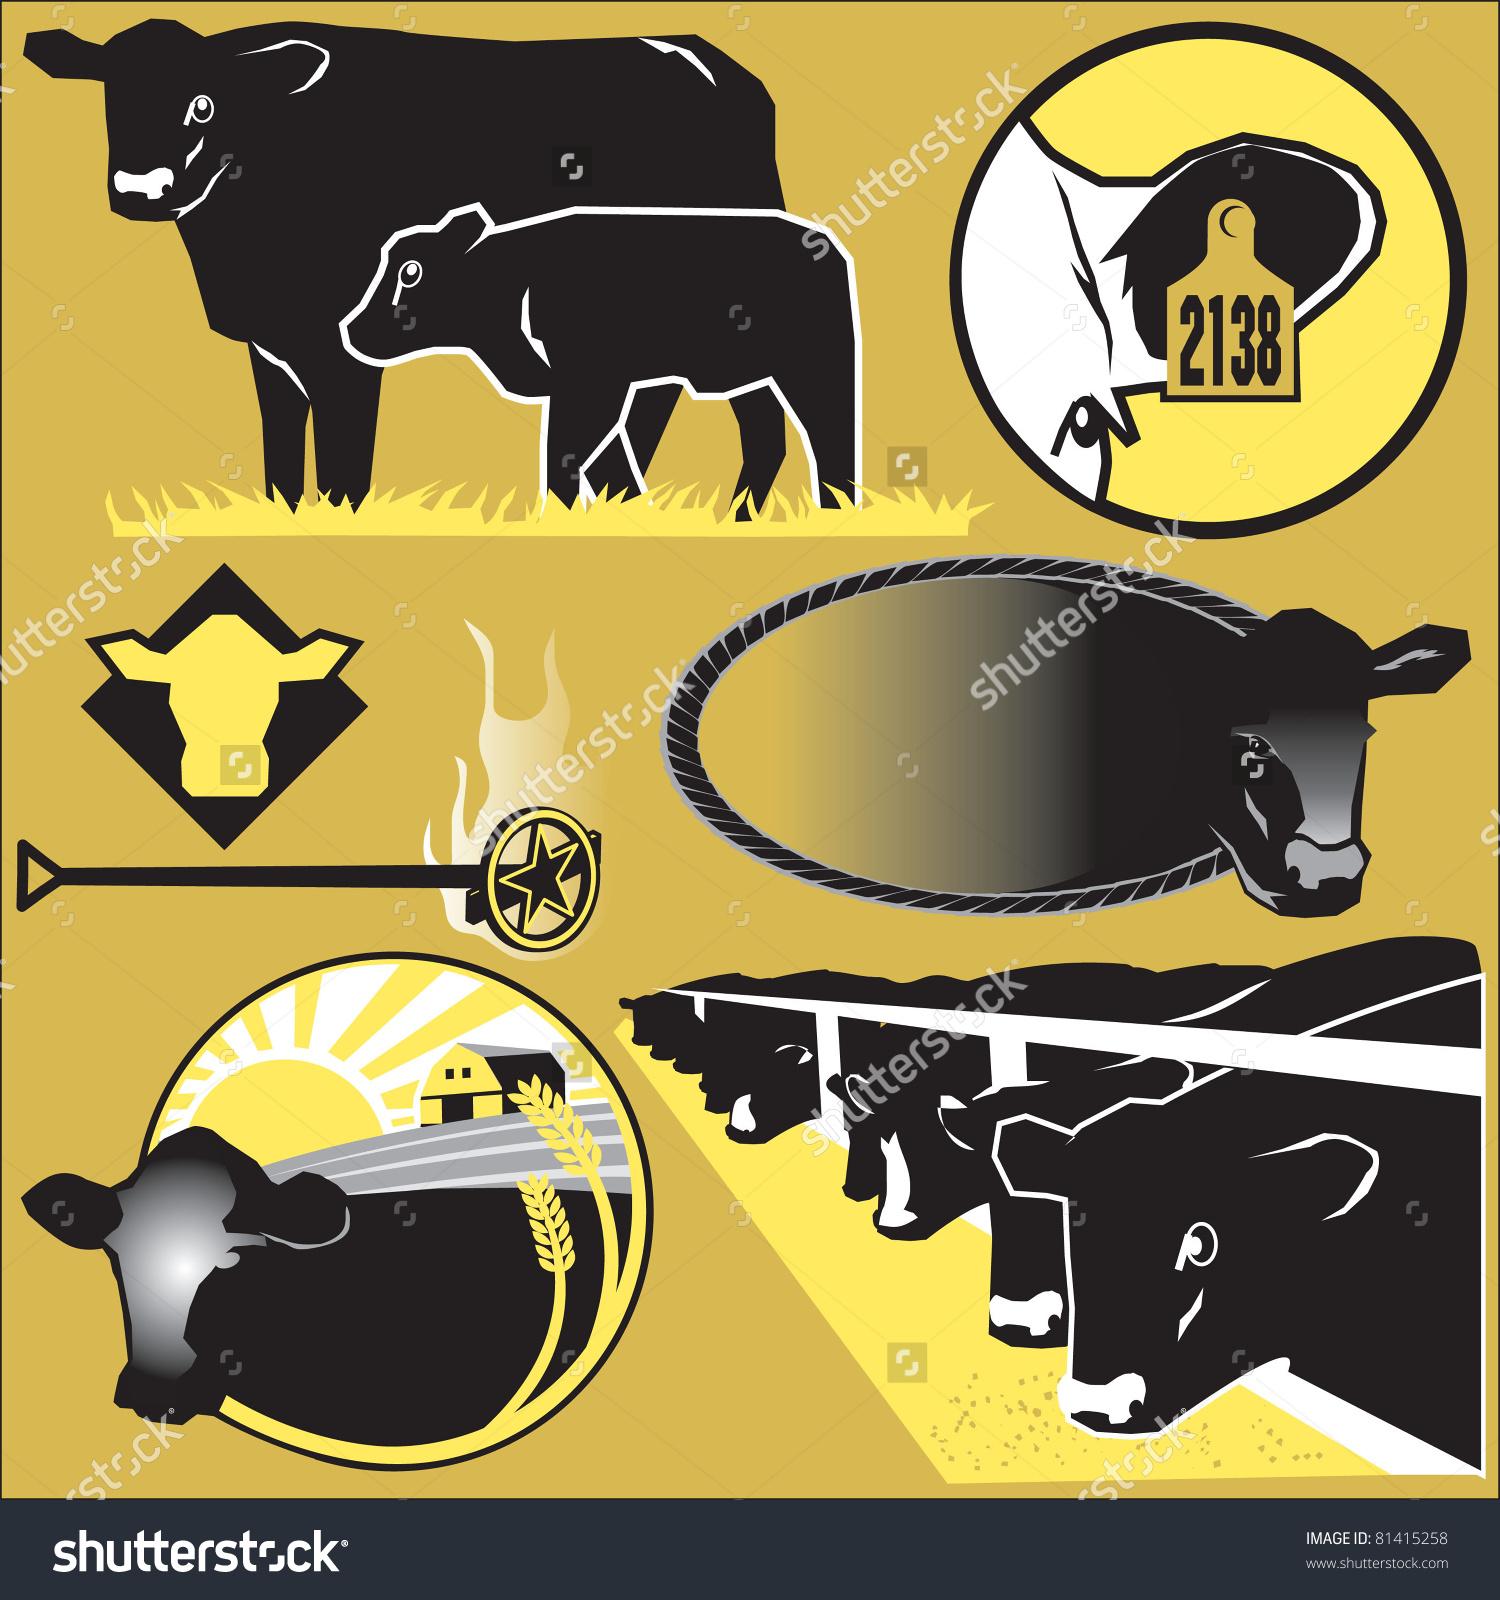 Cattle Clip Art Stock Vector Illustration 81415258 : Shutterstock.